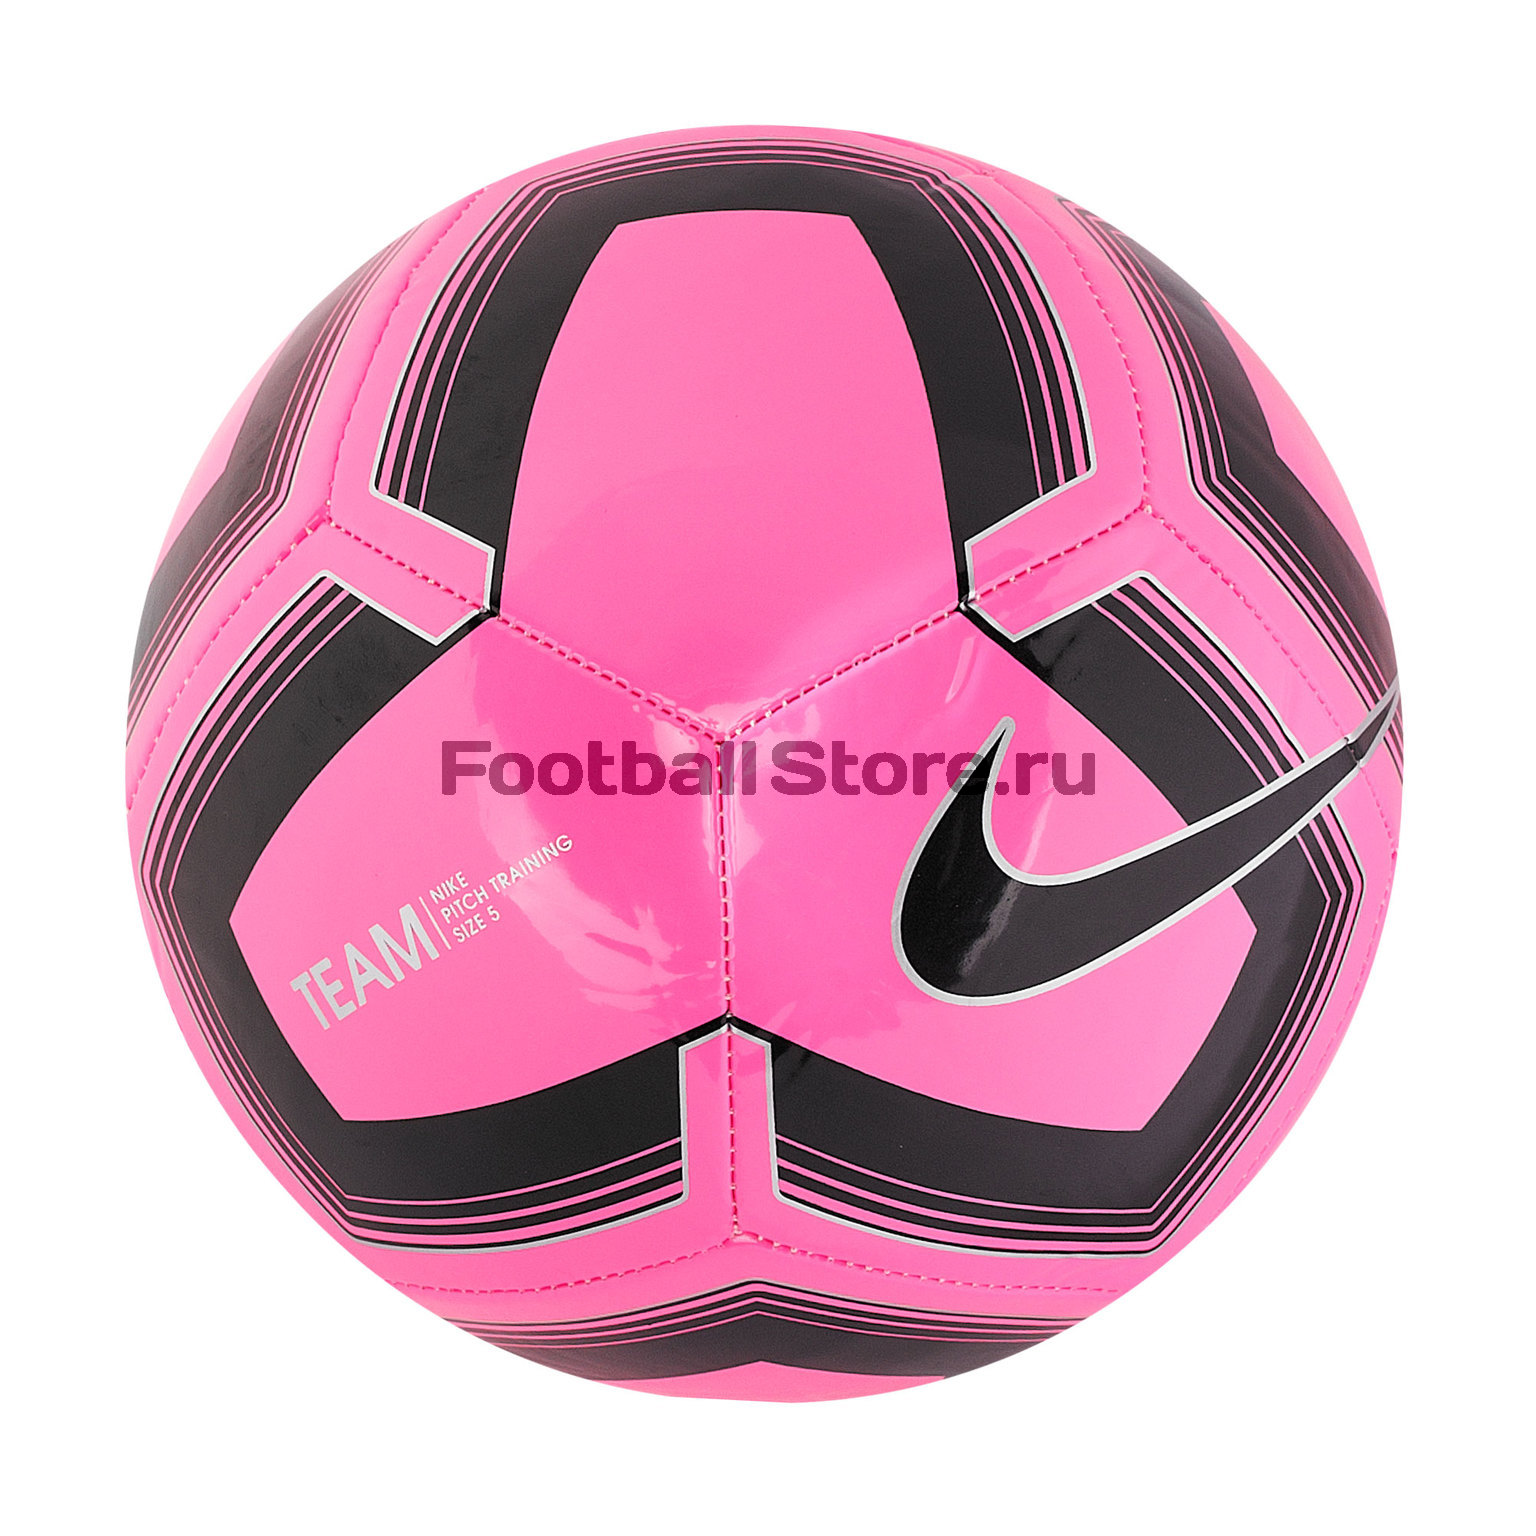 Футбольный мяч Nike Pitch Training SC3893-639 все цены